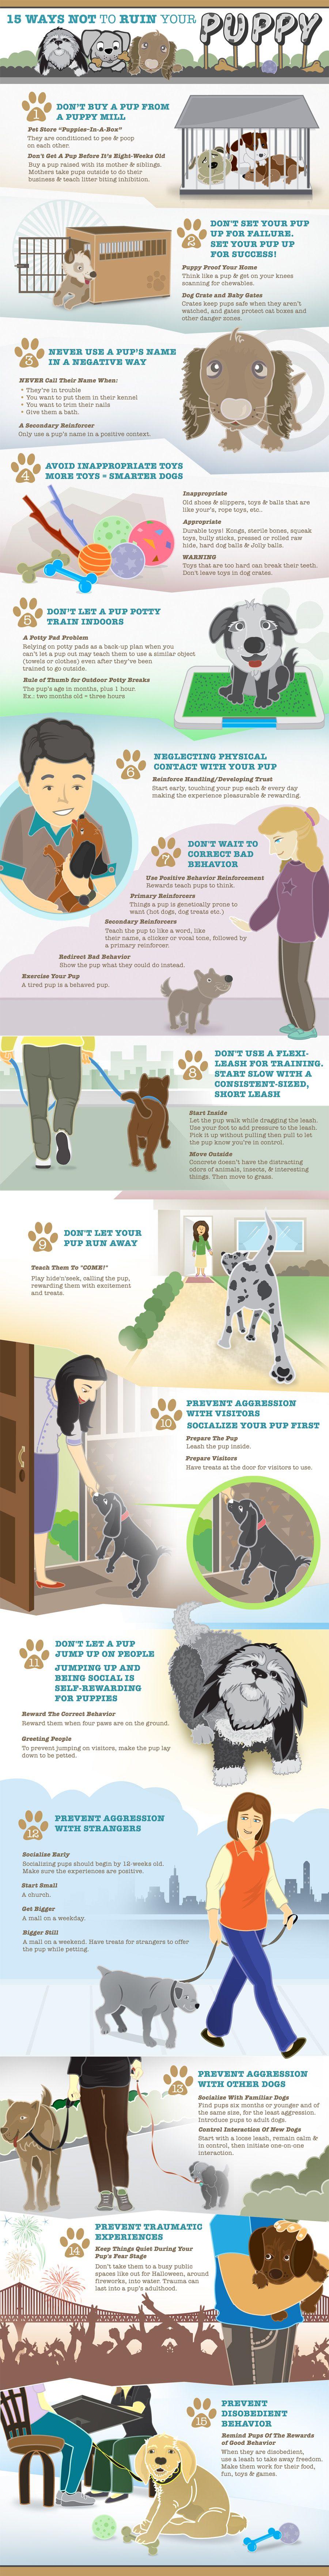 Consejos de entrenamiento para cachorros - Puppy Training Tips